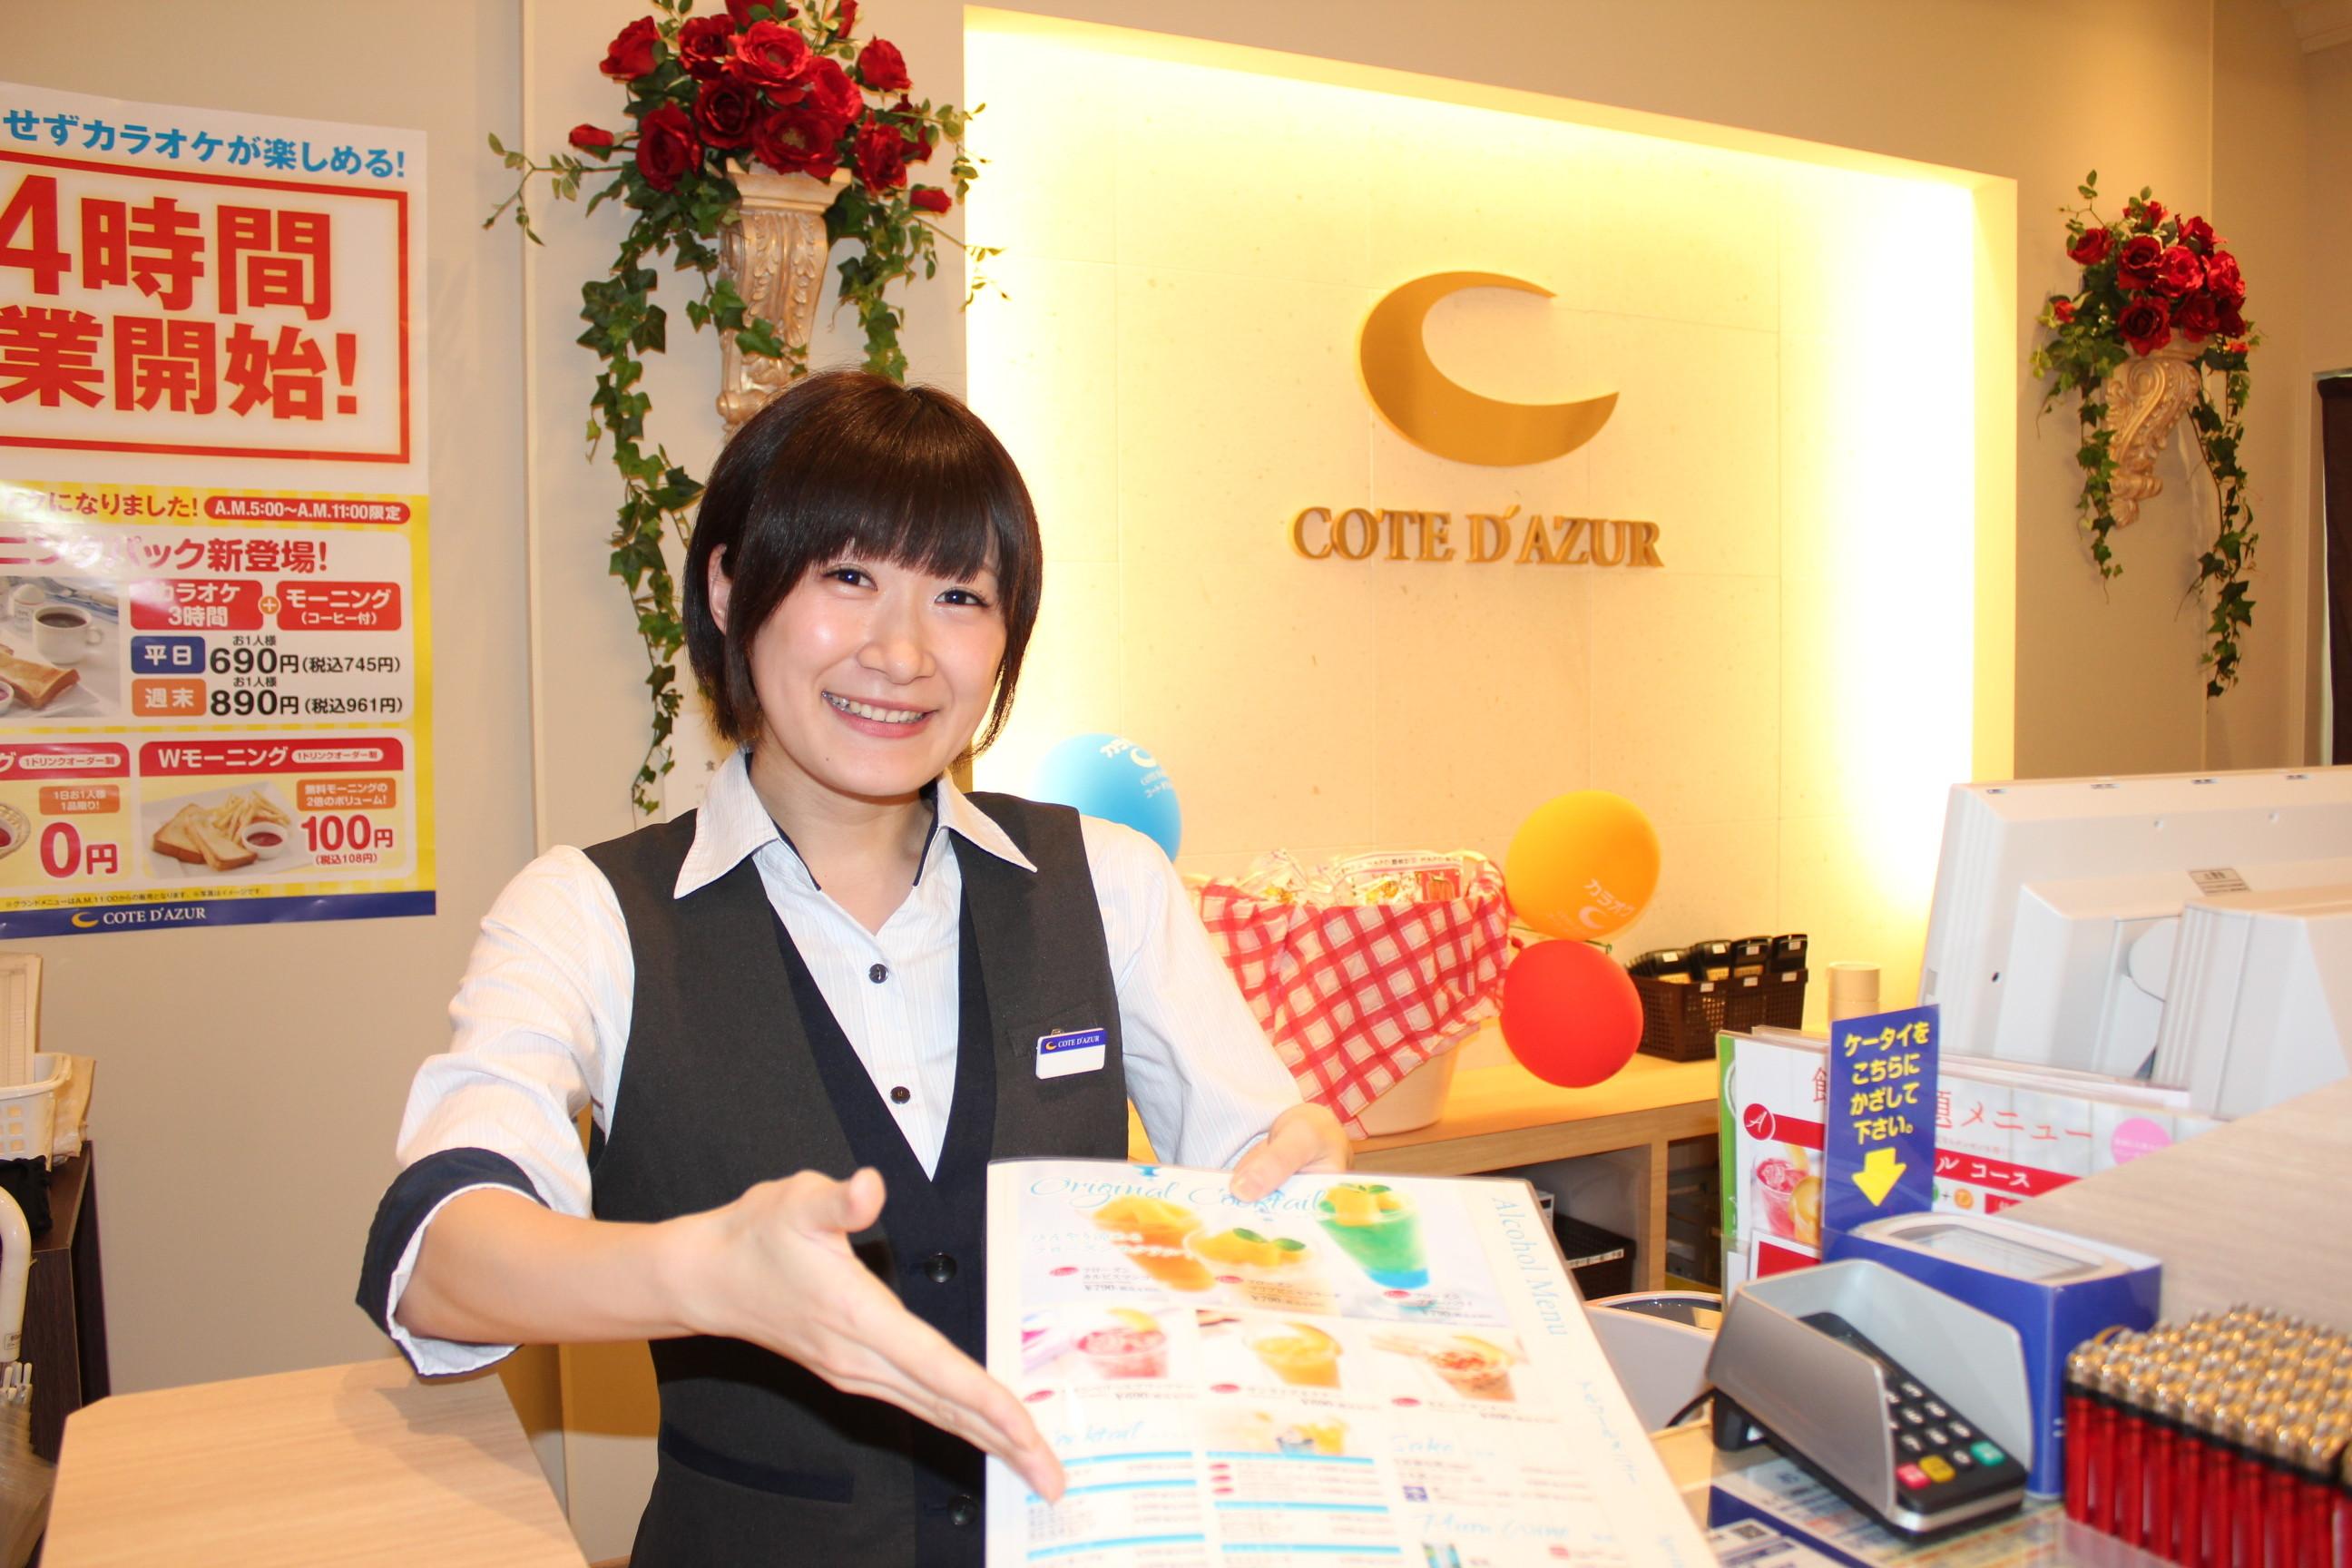 コート・ダジュール 藤沢駅南口店 のアルバイト情報